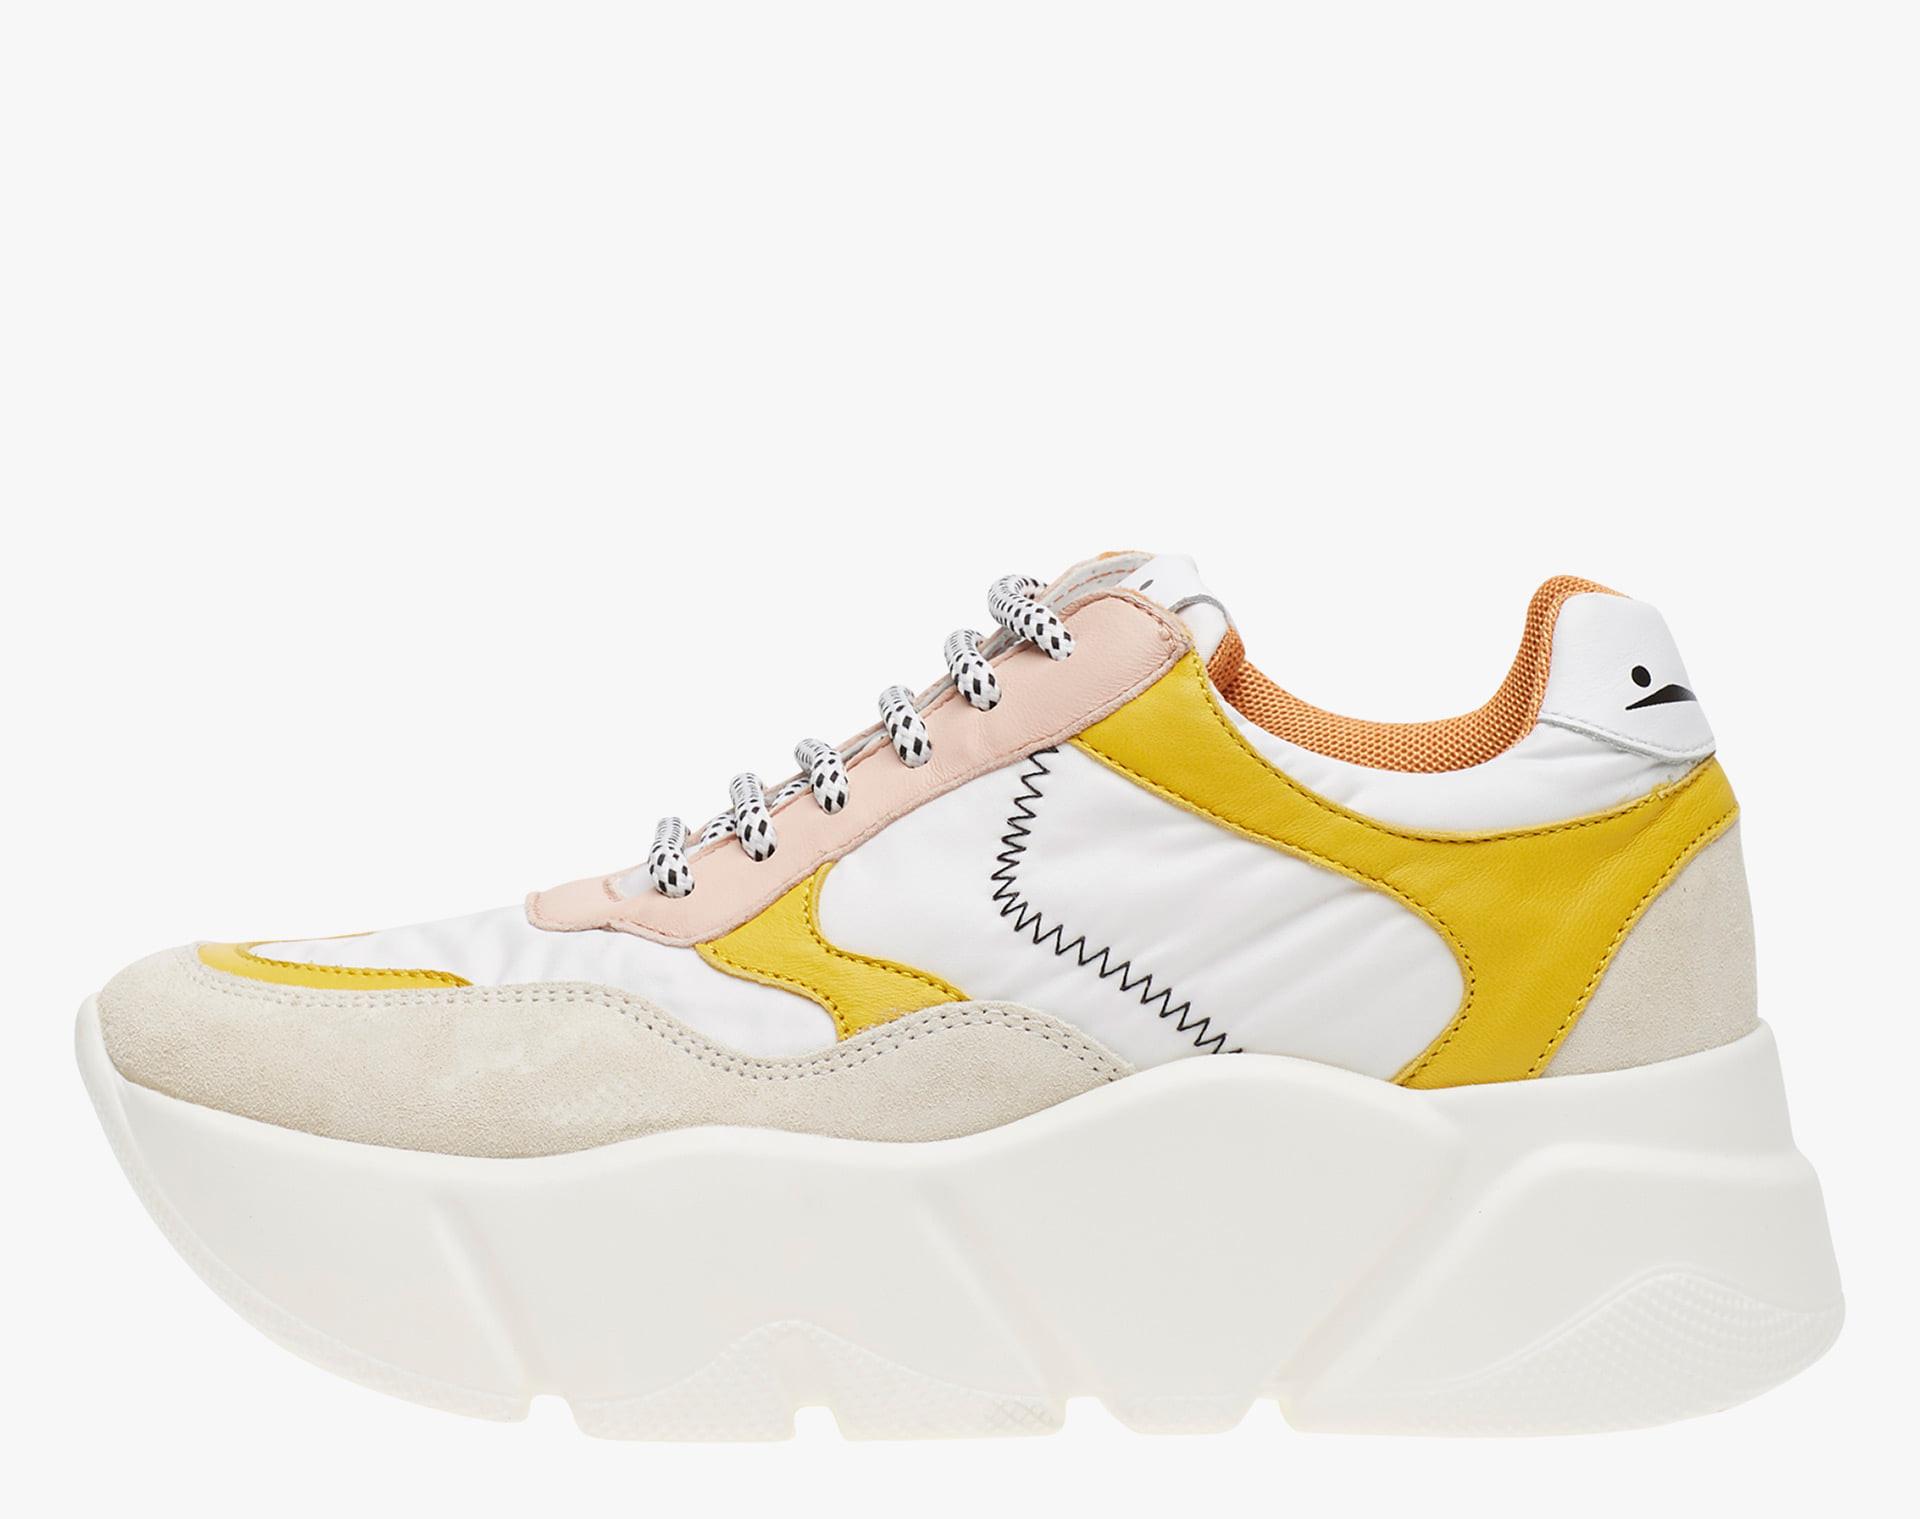 CREEP - Sneaker in suede e tessuto tecnico - Bianco-Giallo-Cipria